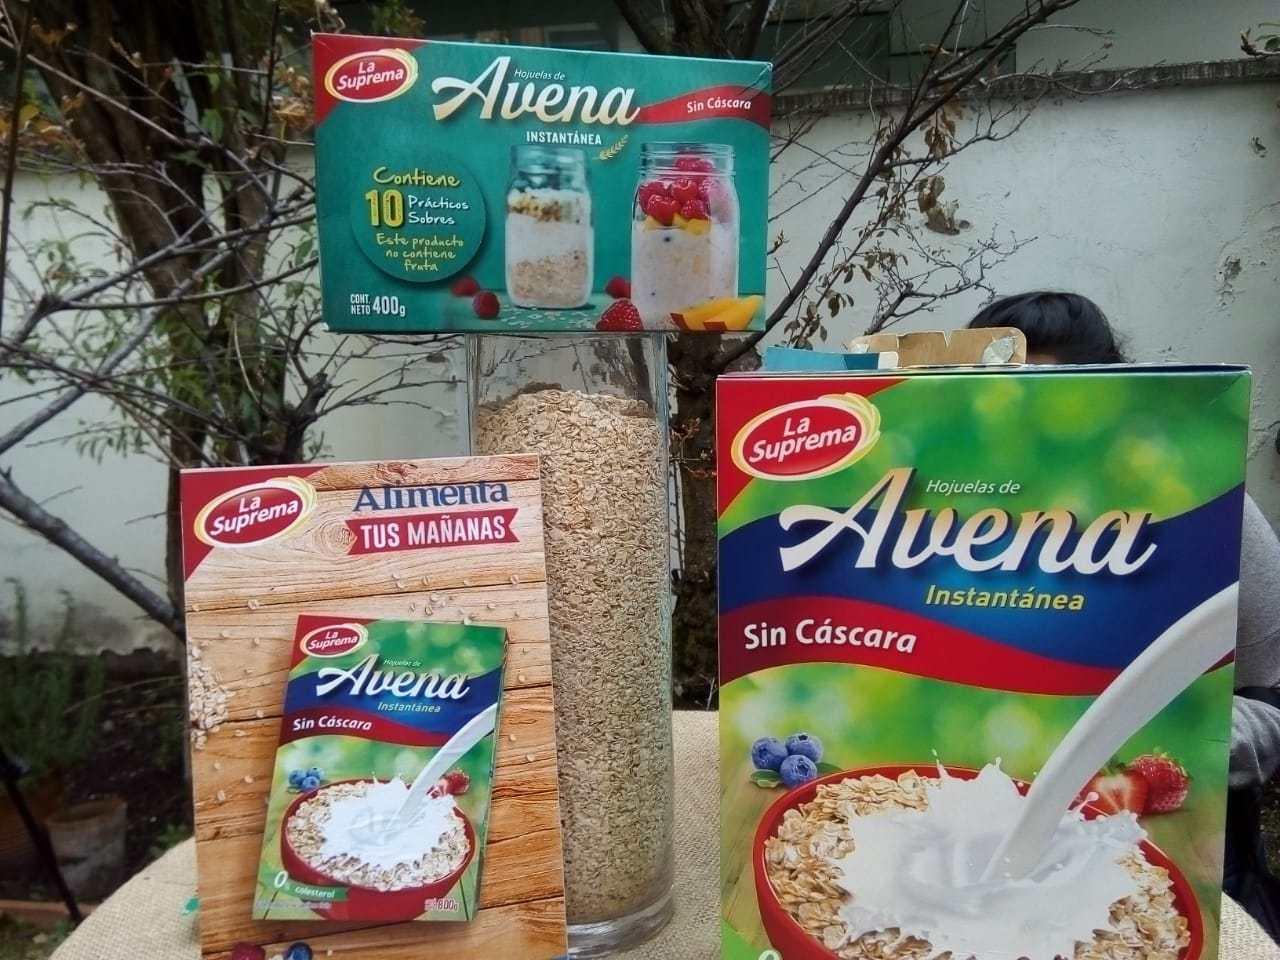 La Suprema - Productos de La Suprema son consumidos por más del 80% de hogares bolivianos